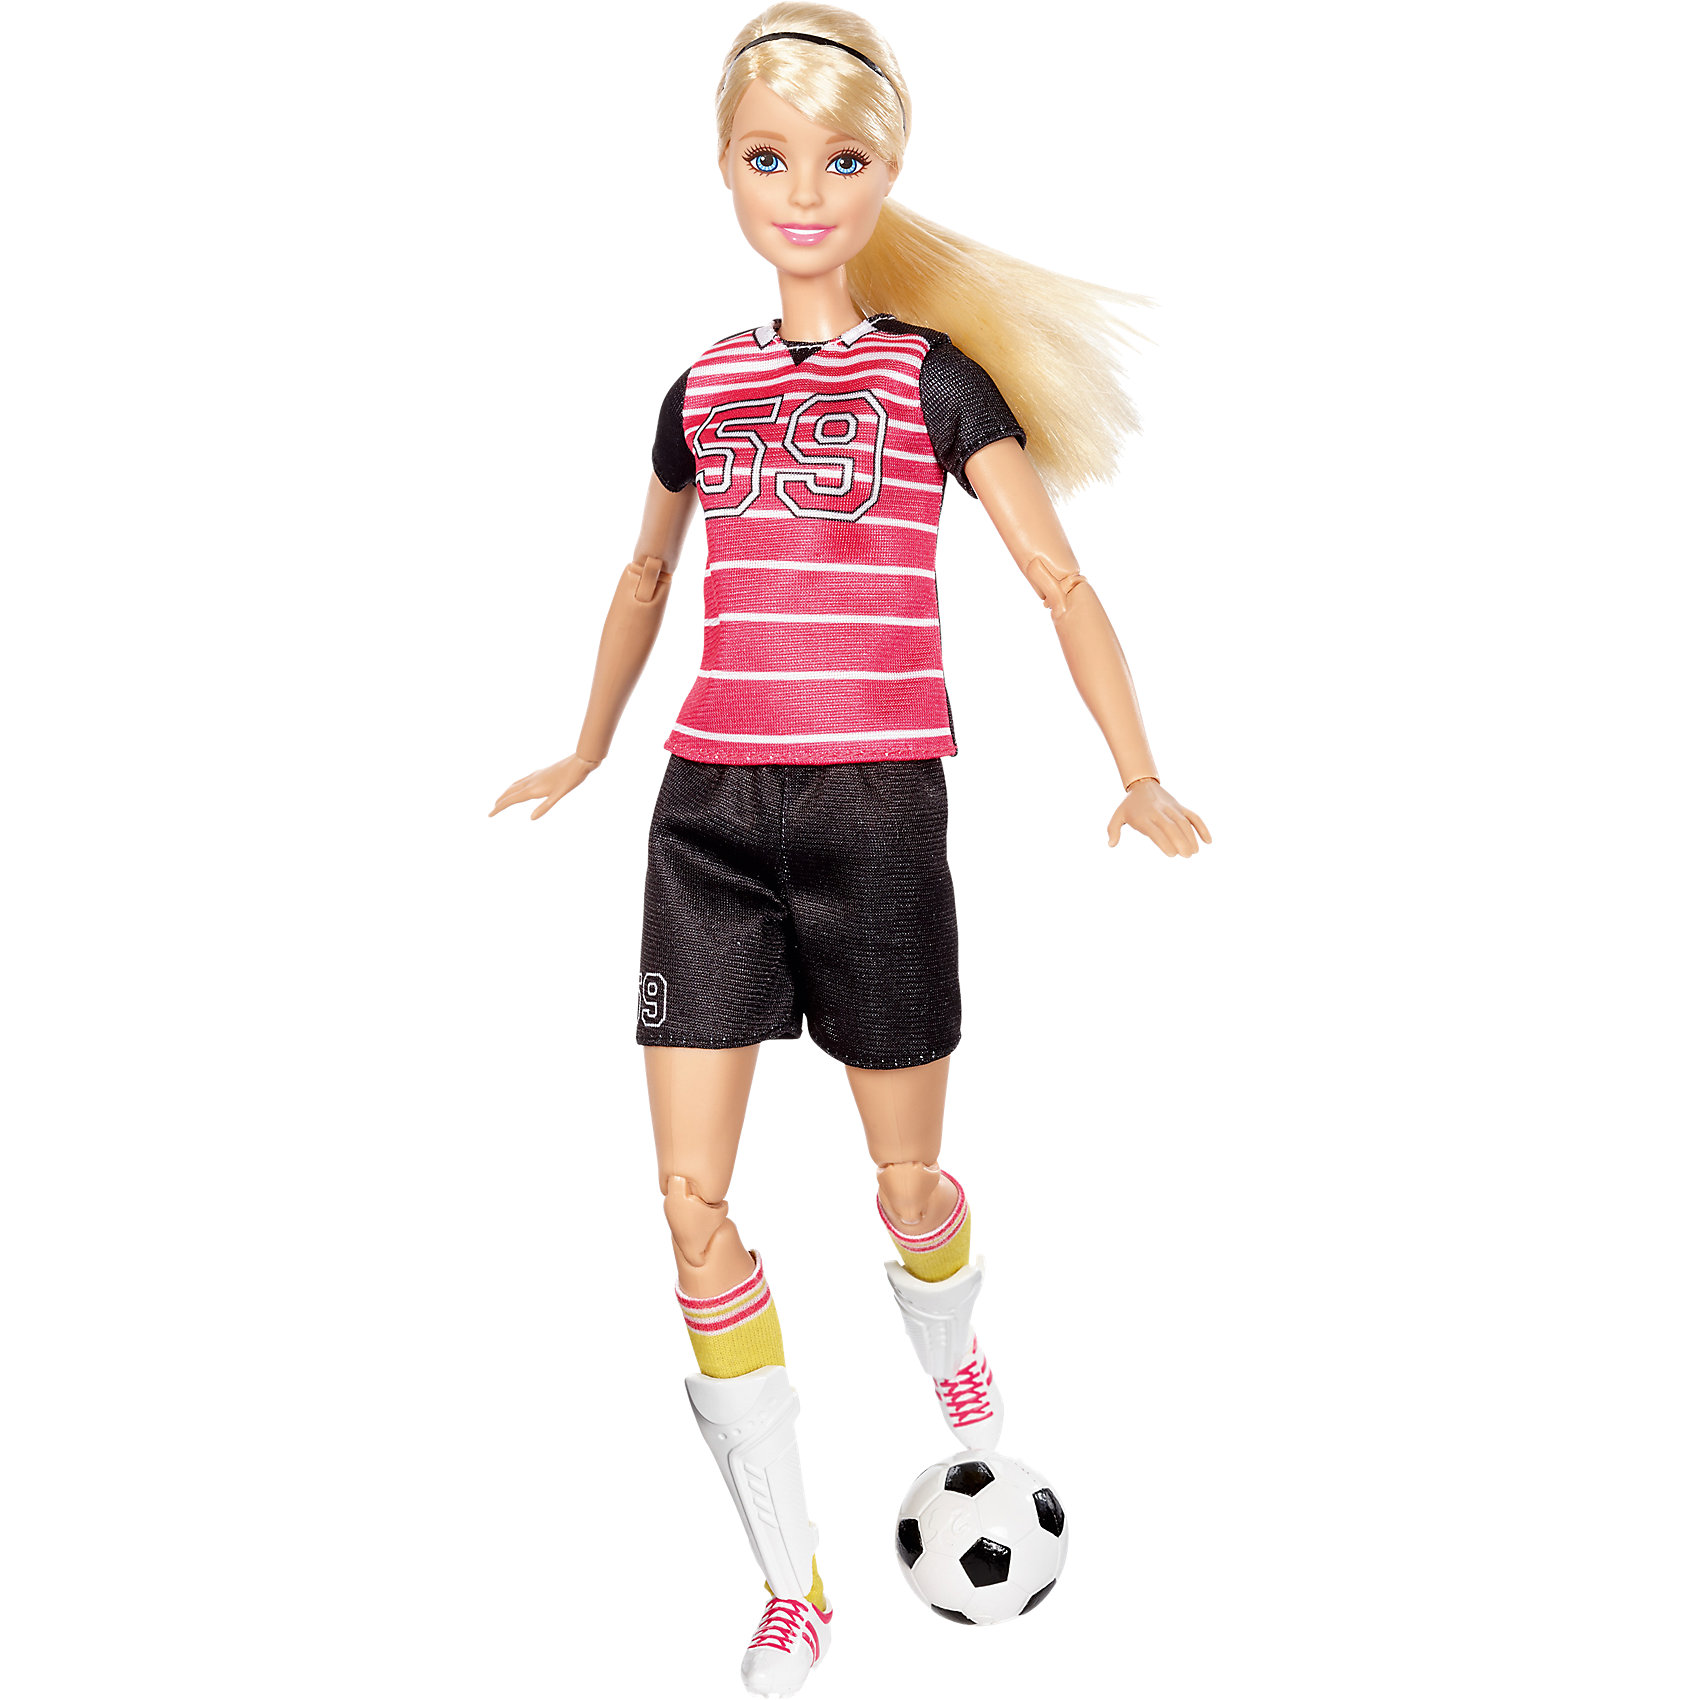 Кукла Футболистка из серии Безграничные движения, Barbie<br><br>Ширина мм: 333<br>Глубина мм: 164<br>Высота мм: 50<br>Вес г: 237<br>Возраст от месяцев: 36<br>Возраст до месяцев: 72<br>Пол: Женский<br>Возраст: Детский<br>SKU: 5262418